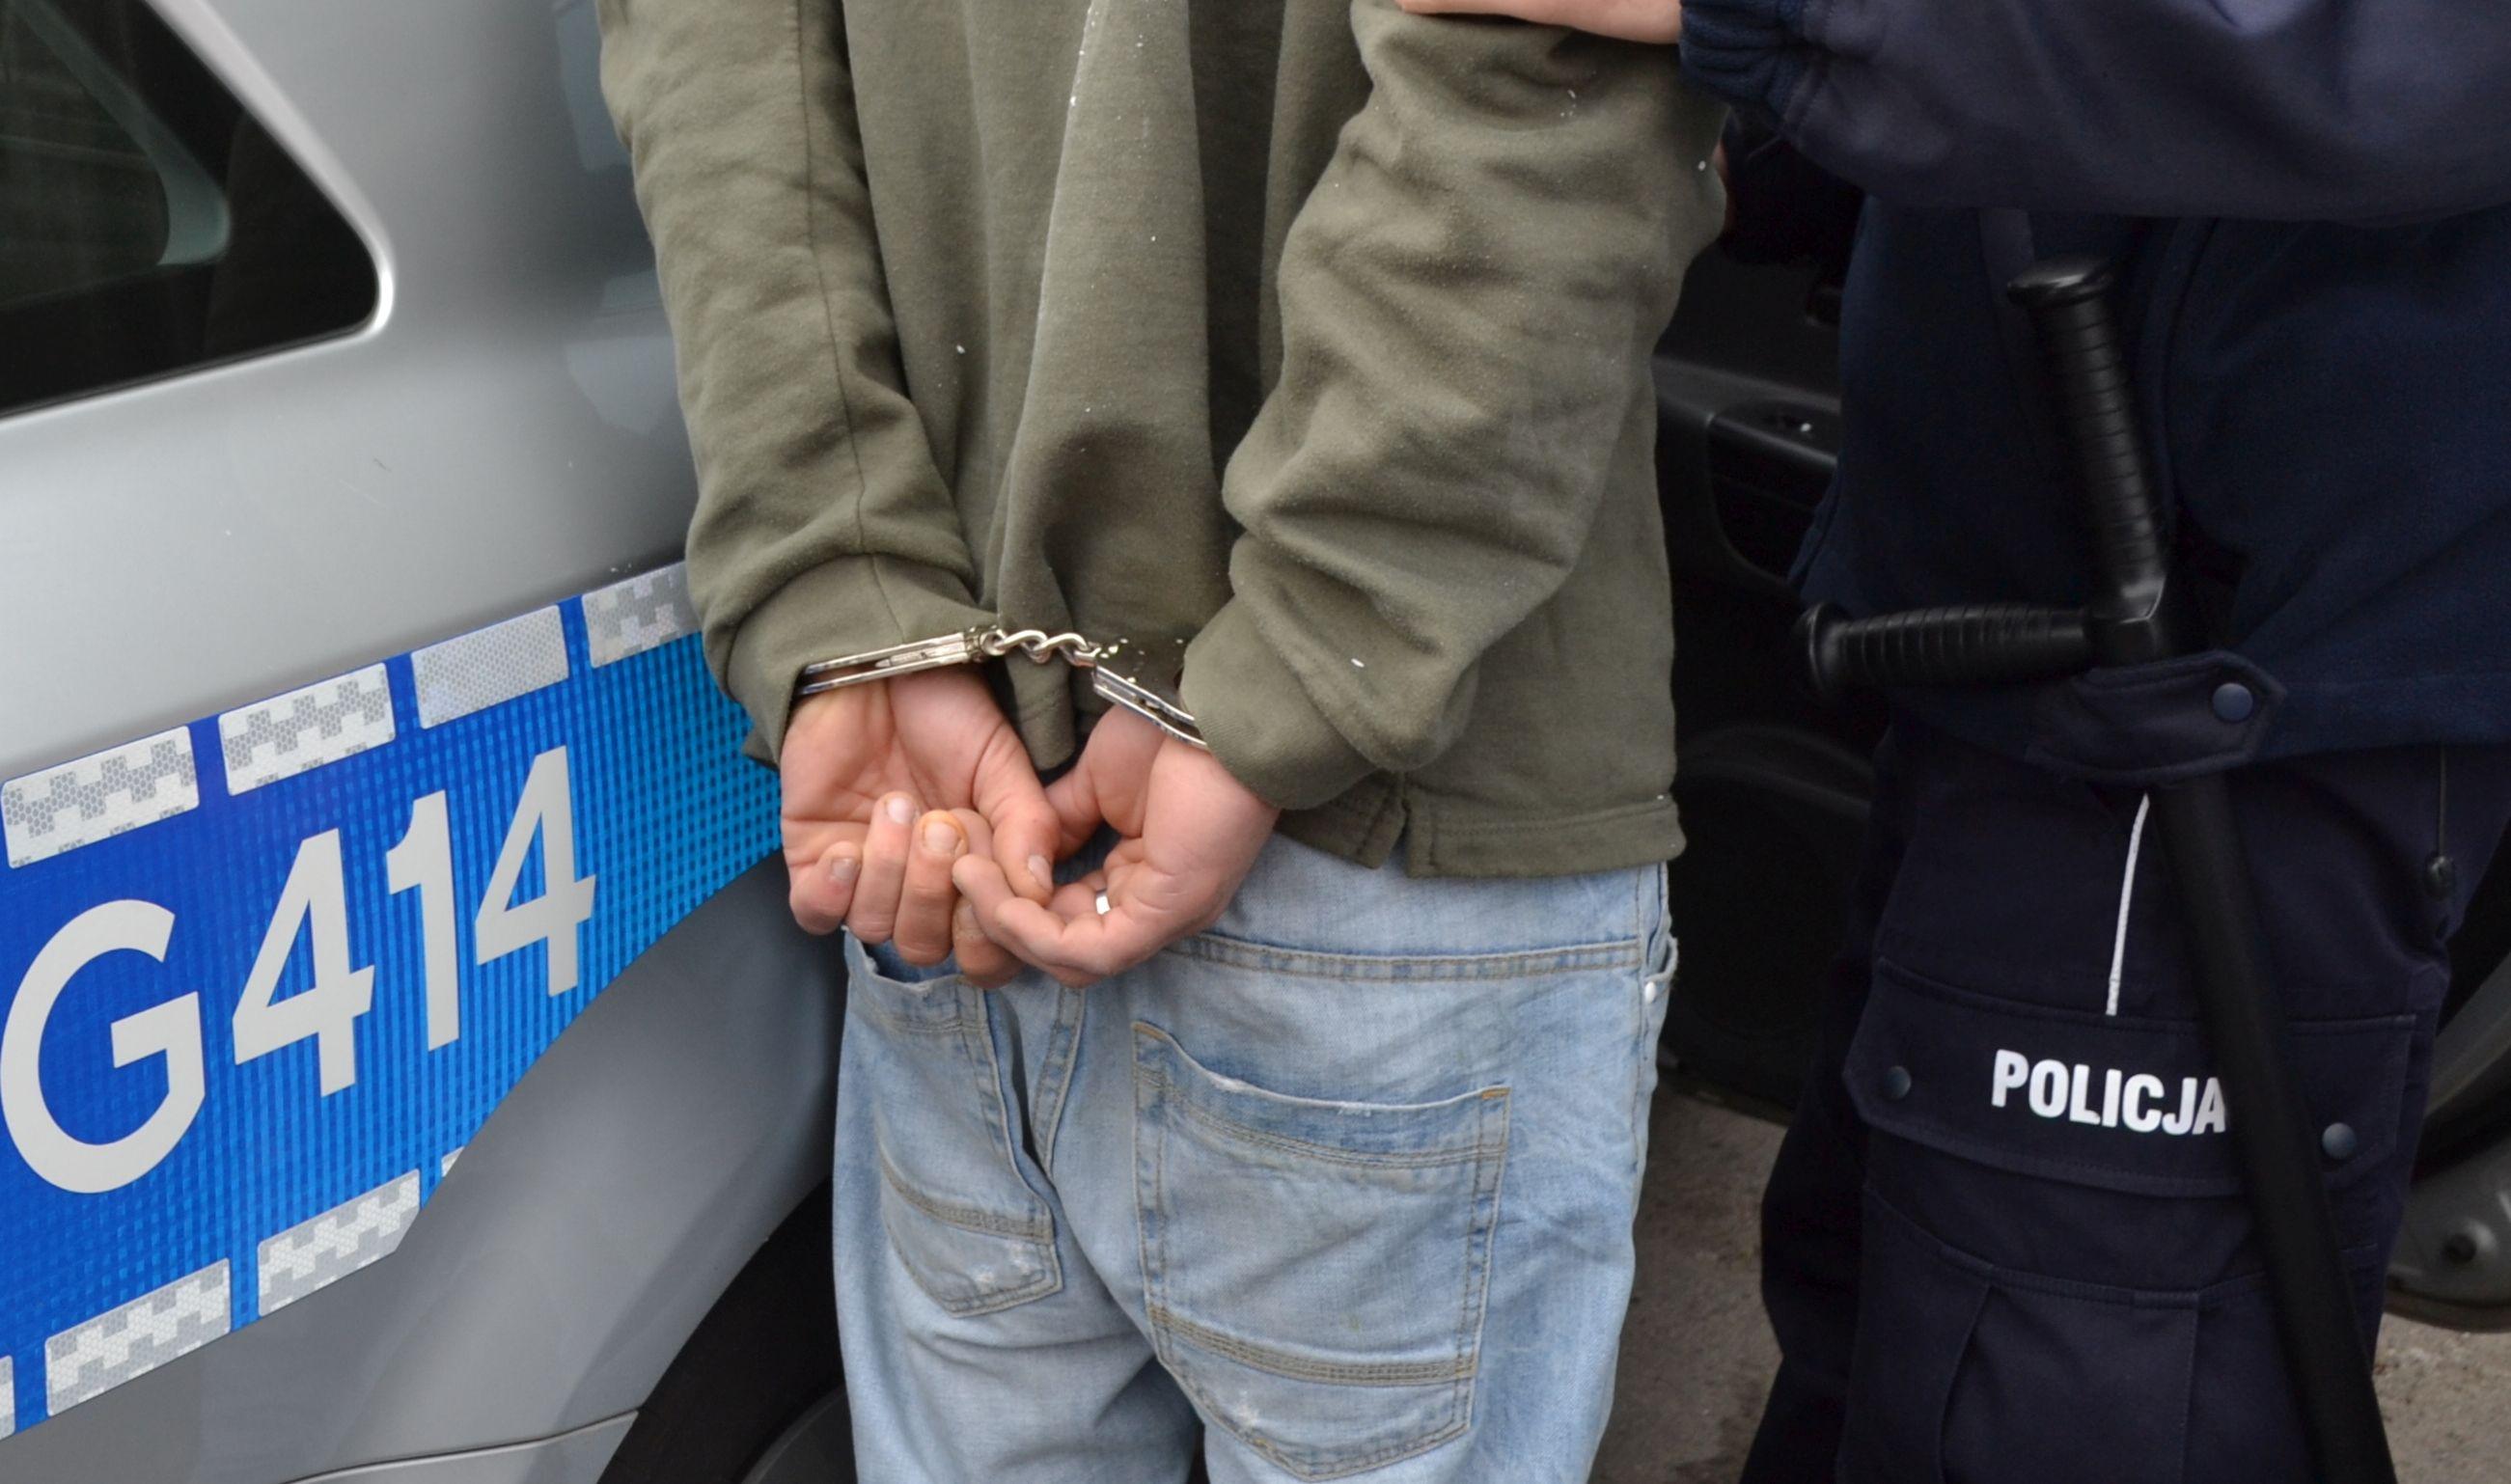 Areszt dla mężczyzny, który znęcał się nad żoną i dziećmi